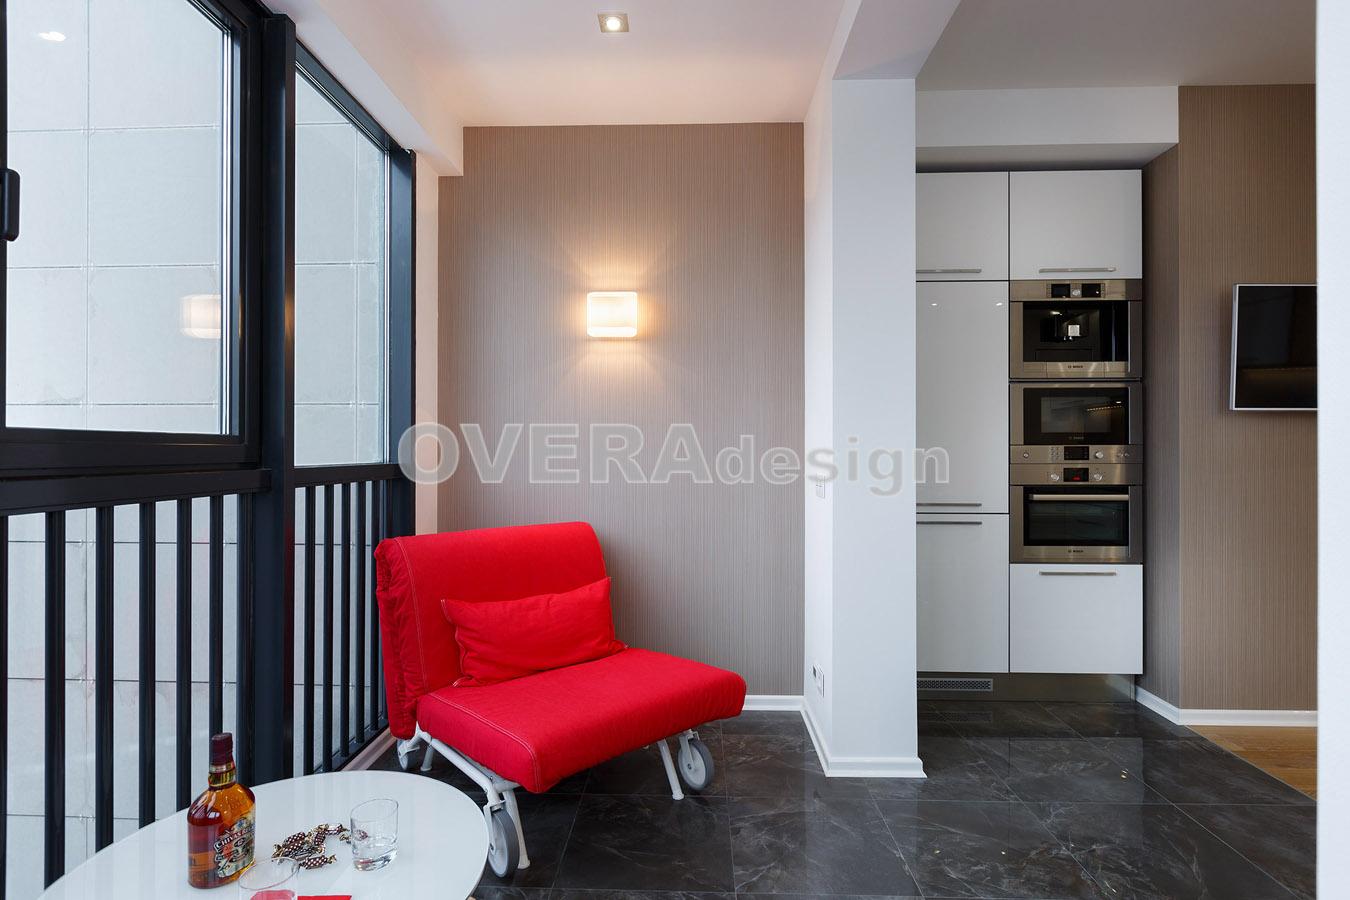 Фотографії 1-кімнатної квартири для молодої людини, дизайн і.